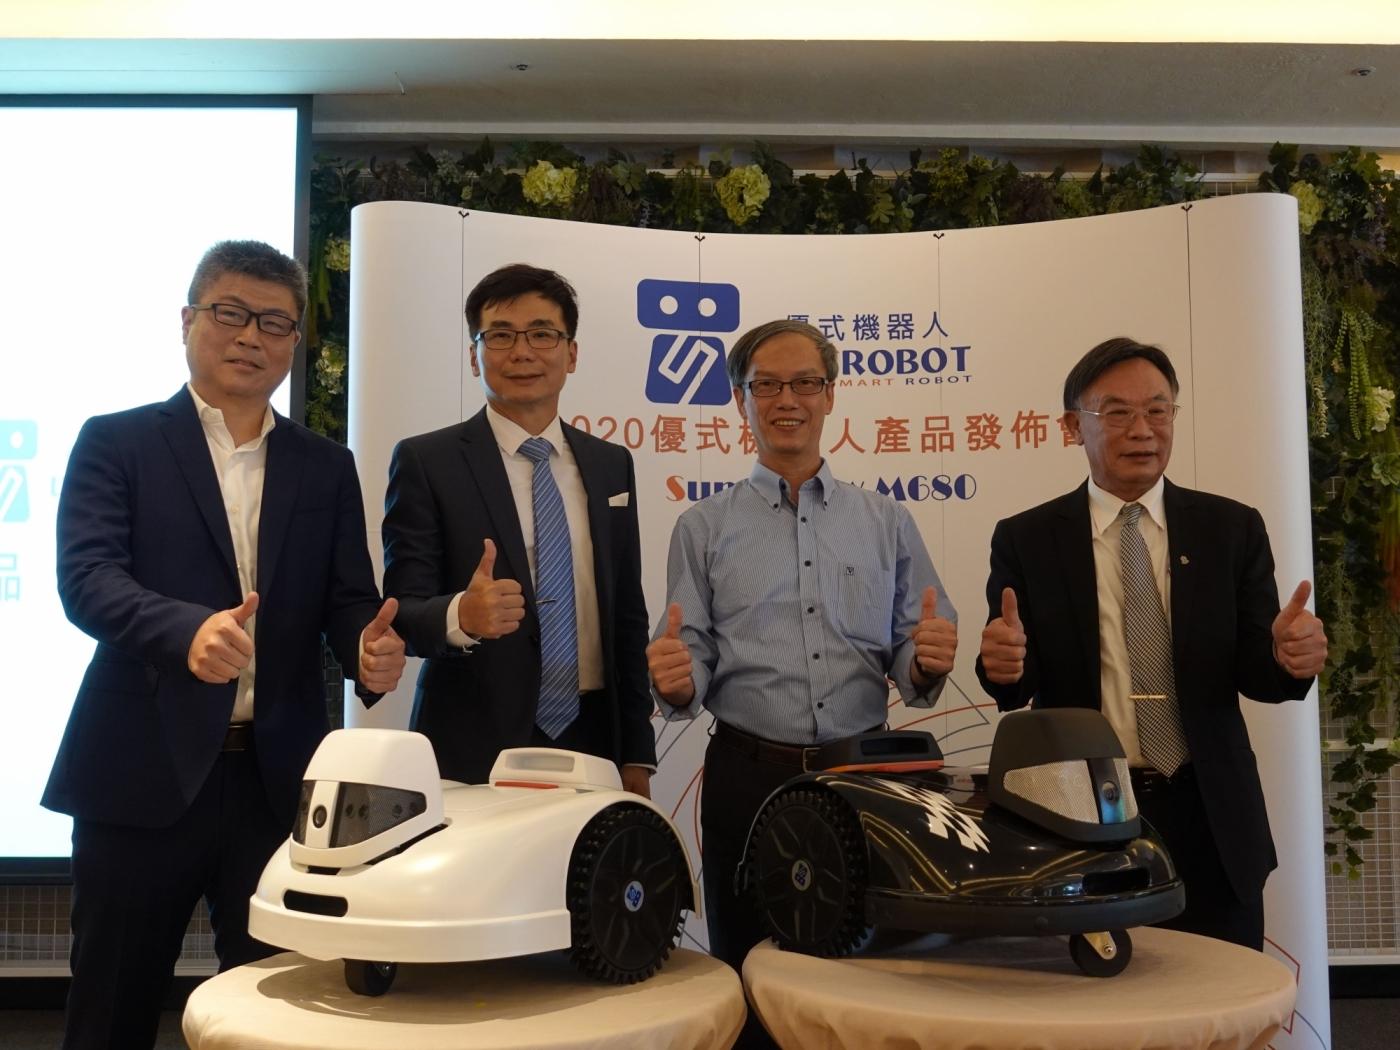 台灣新創公司優式機器人,推出電子圍籬智能護草機器人M680,美化生活無遠弗界!